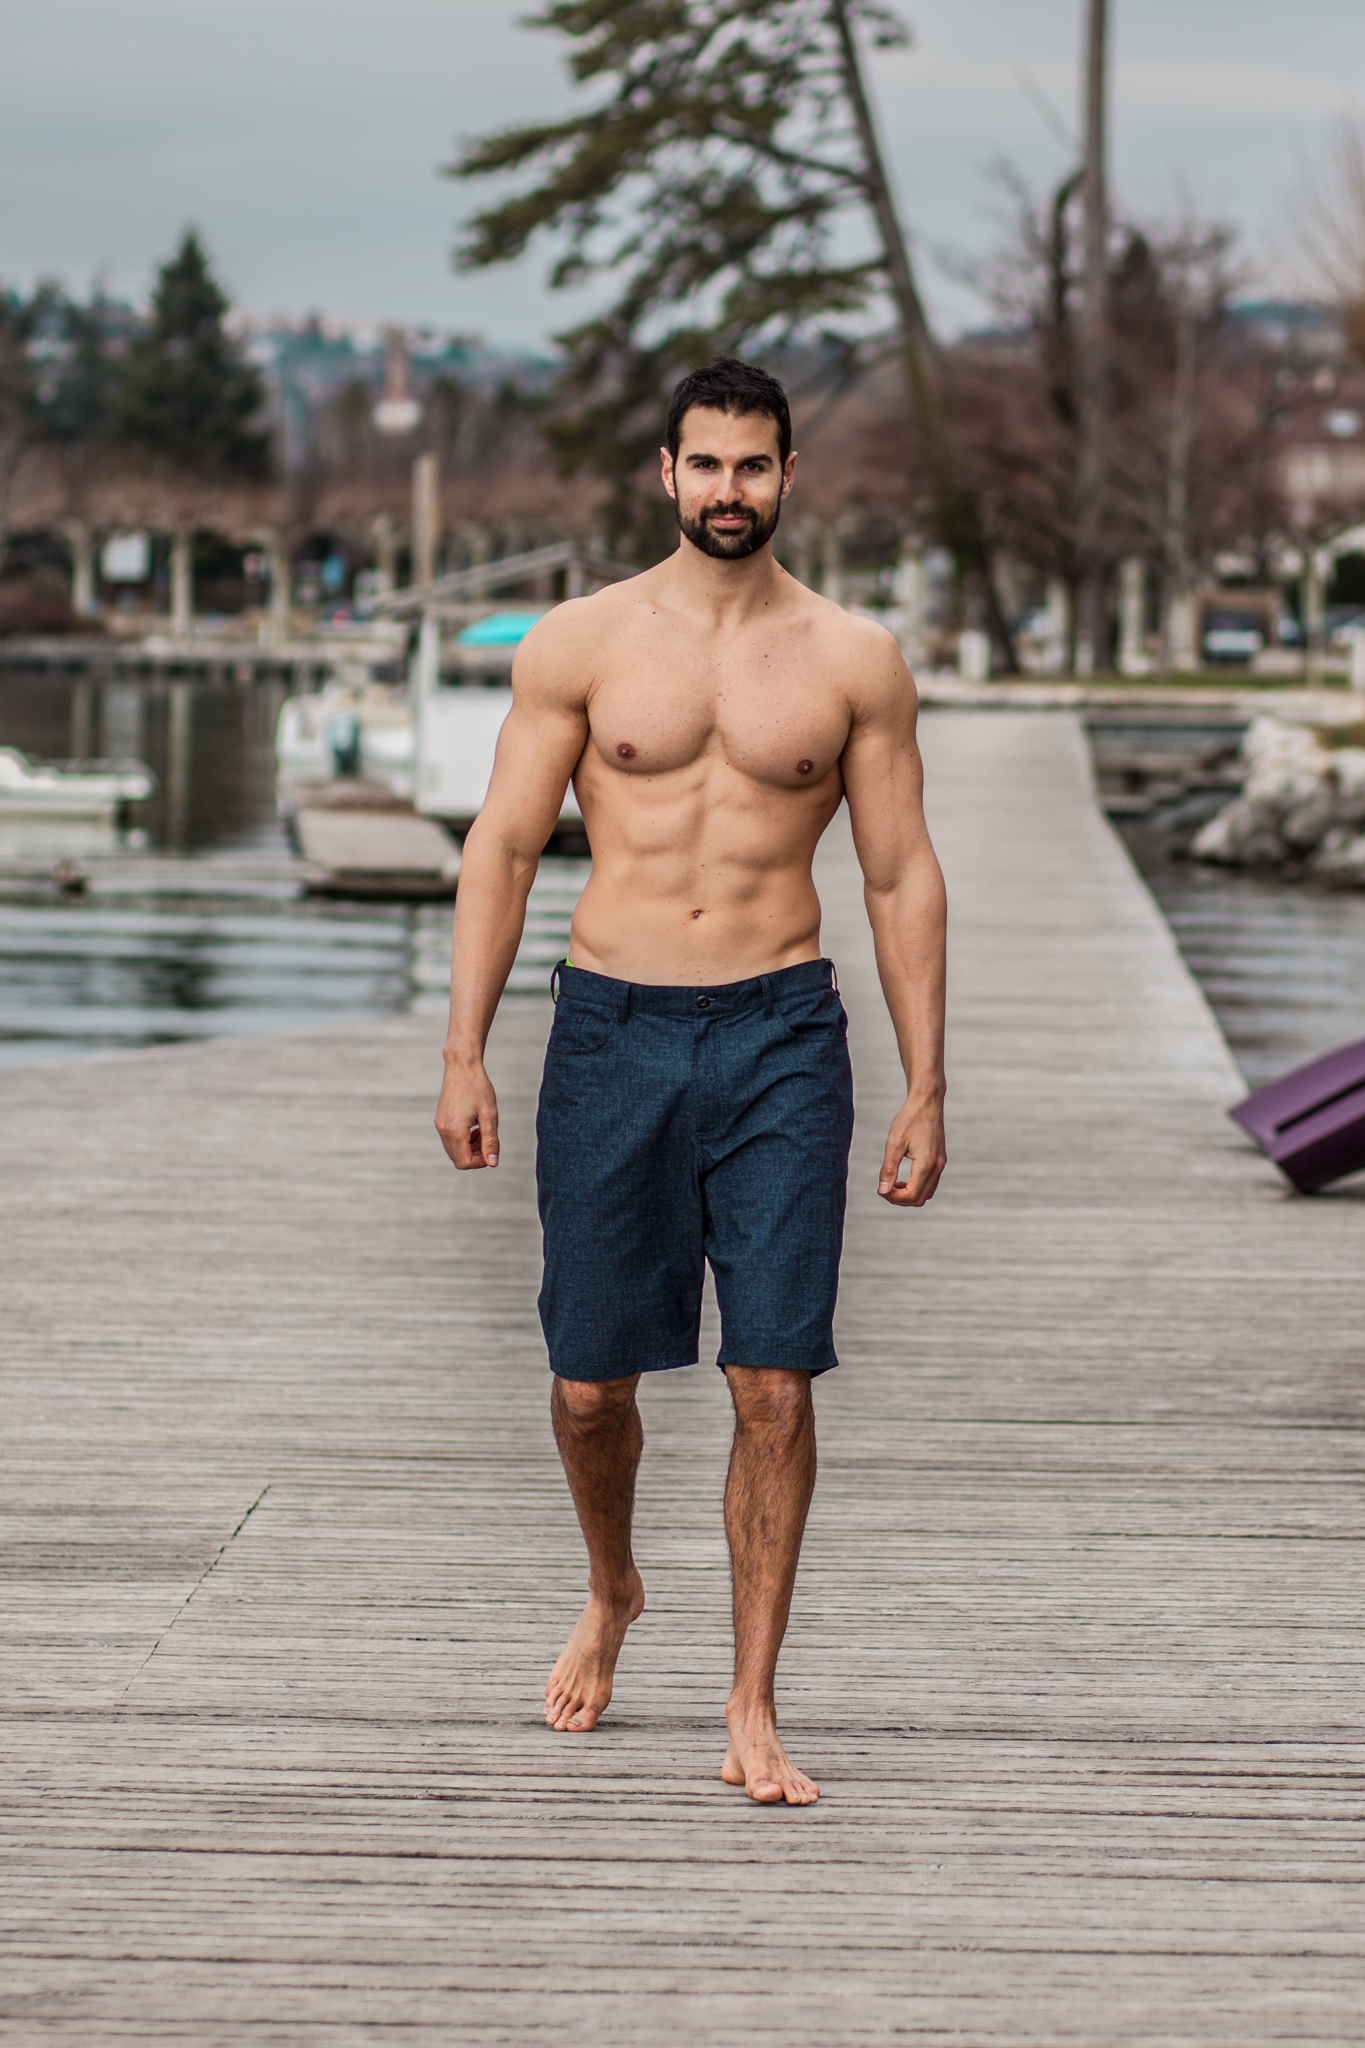 Homme - Comment perdre du ventre ?